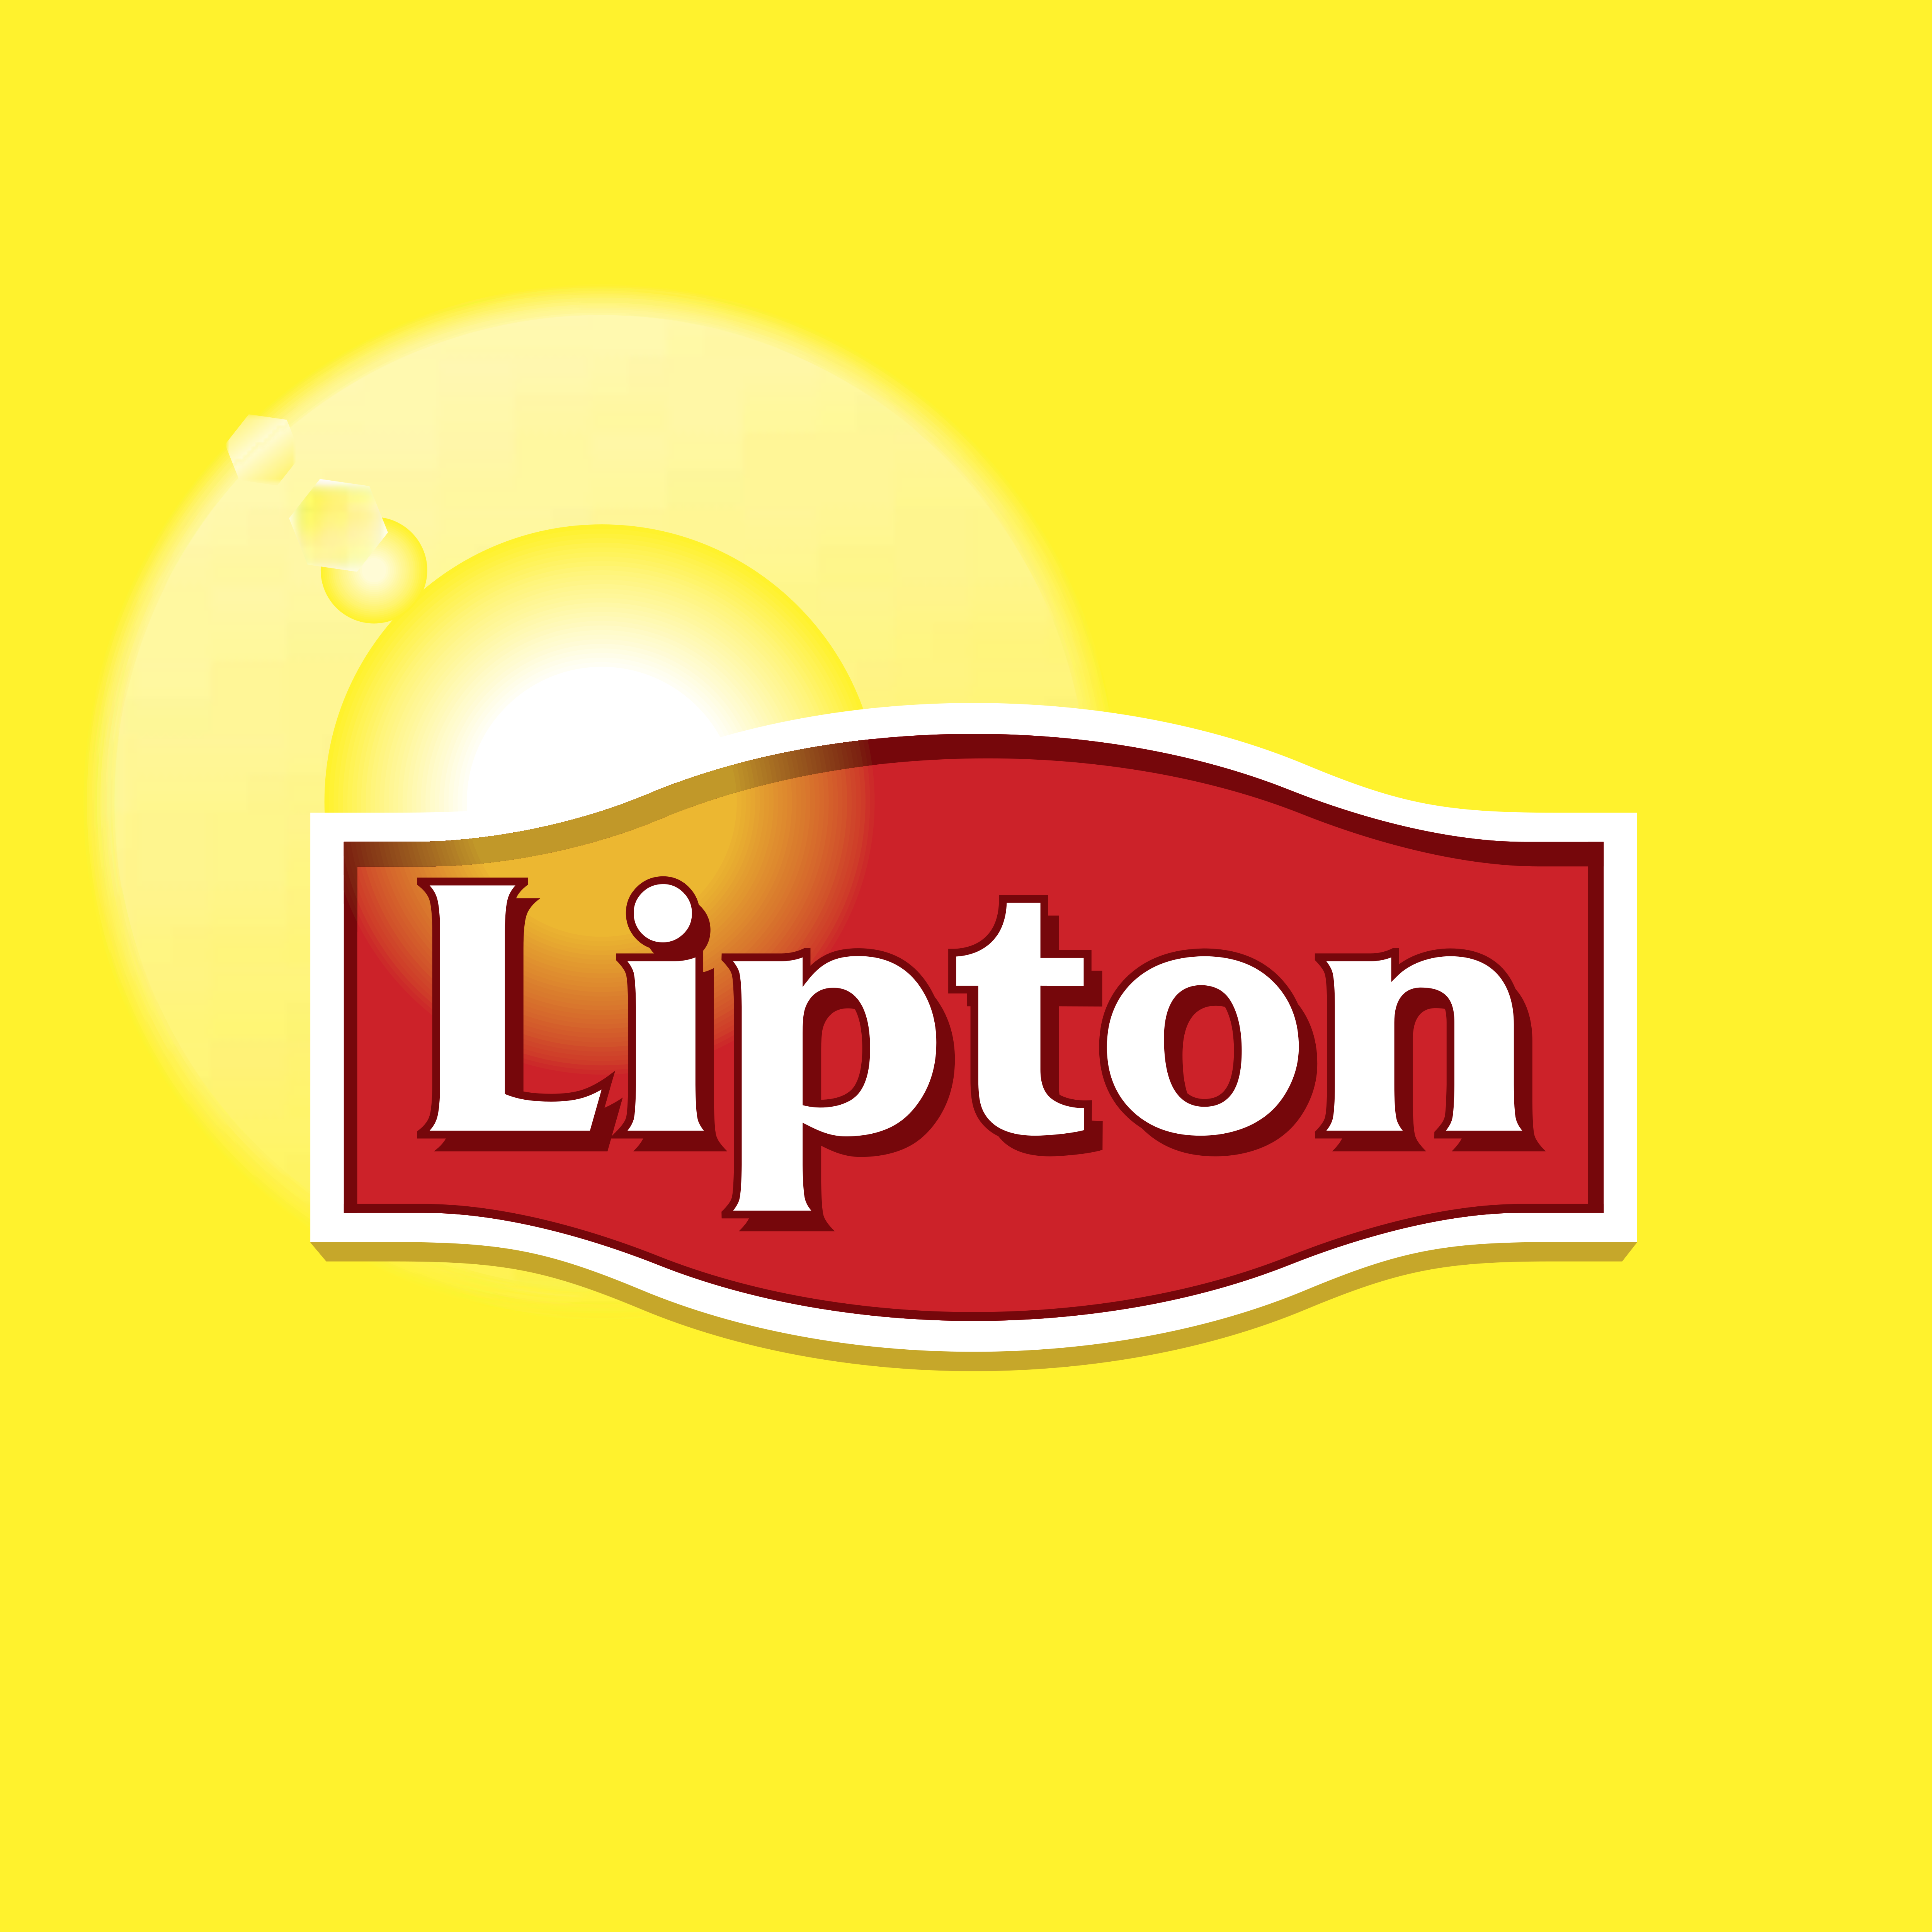 Lipton Logos Download